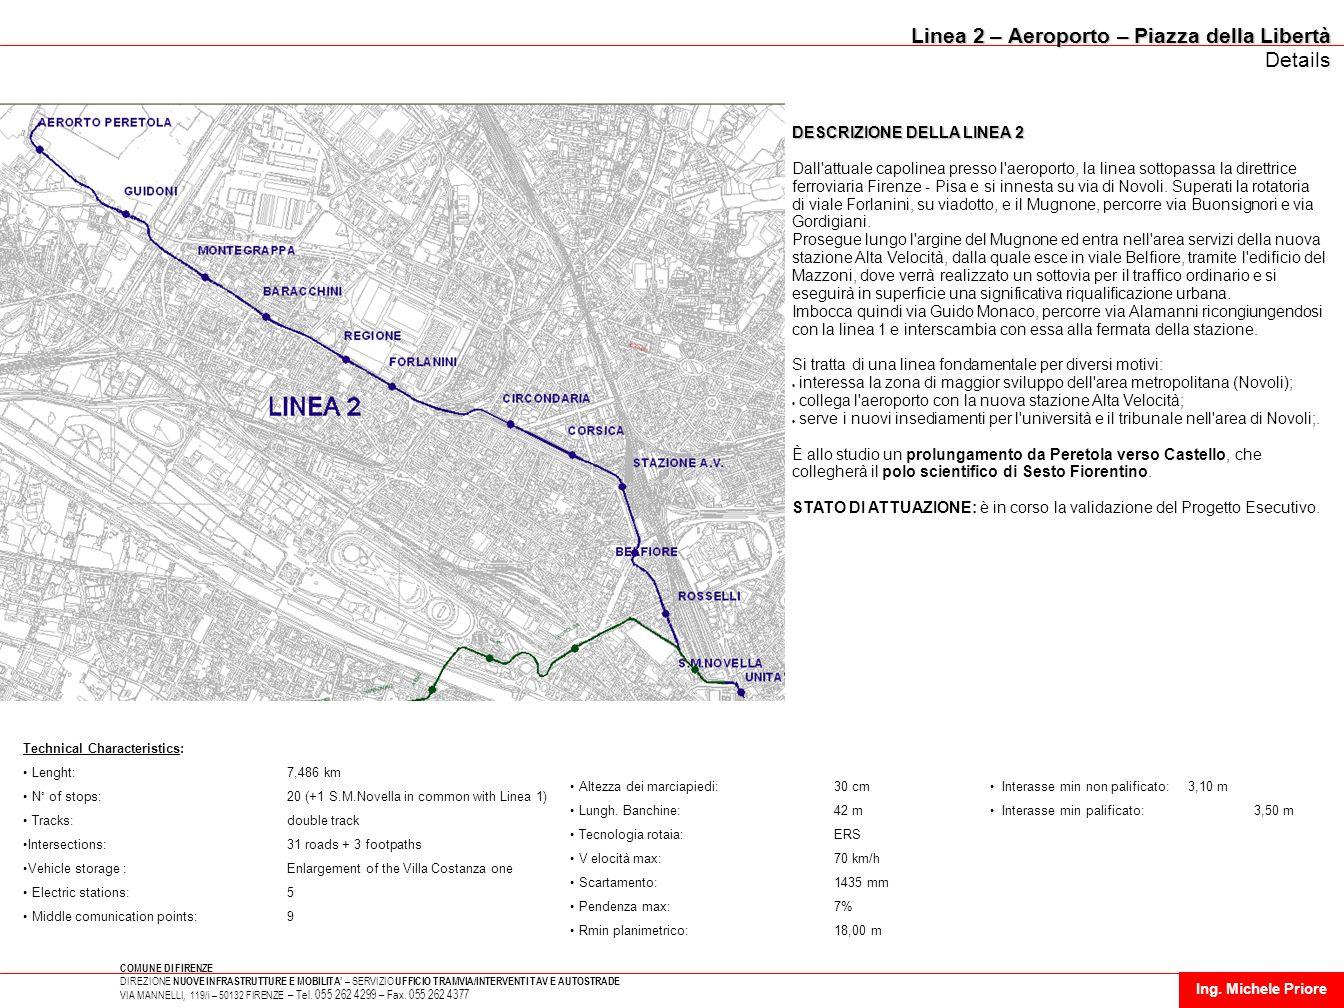 Linea 2 – Aeroporto – Piazza della Libertà Details